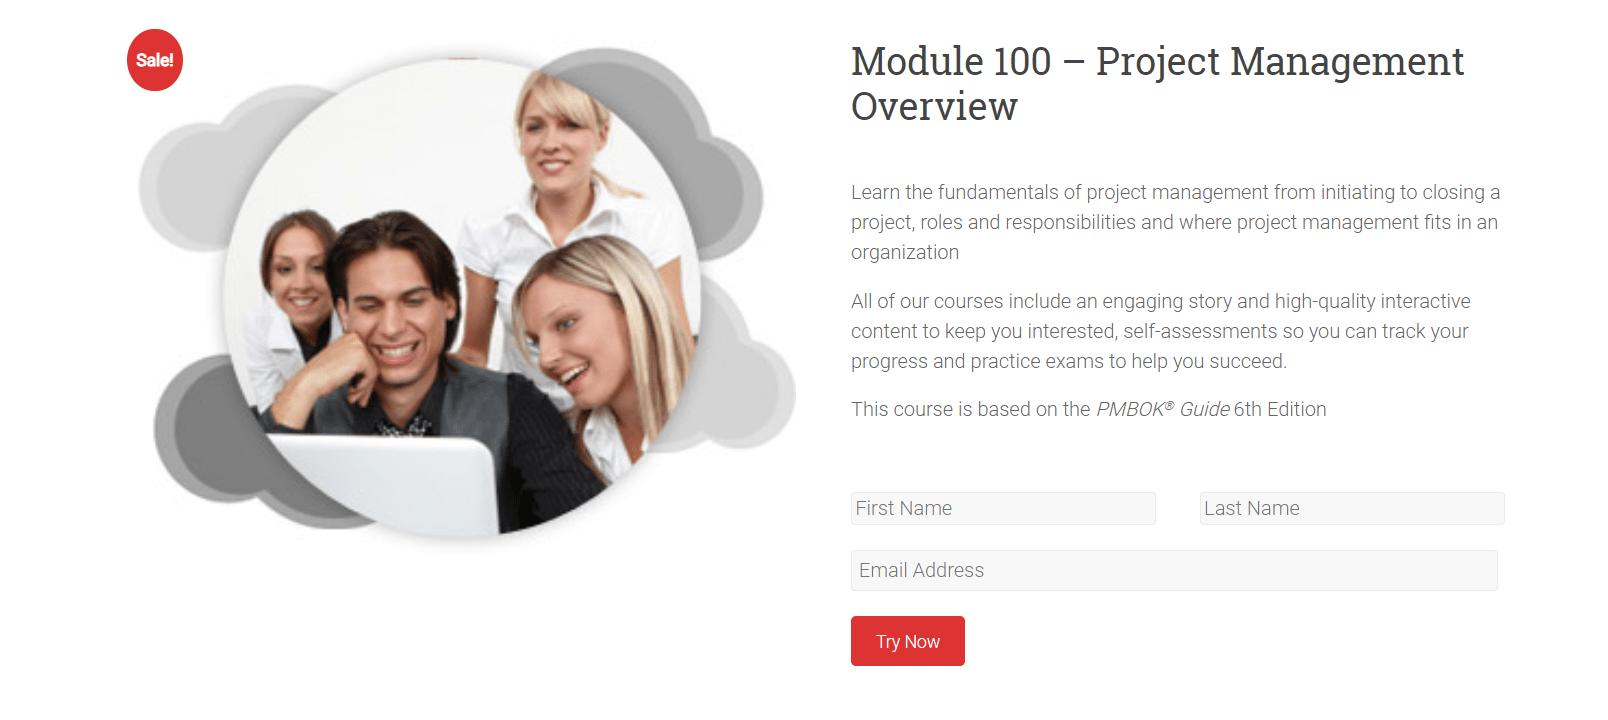 Brain Sensei Courses Review- Module 100 Project Management Overview